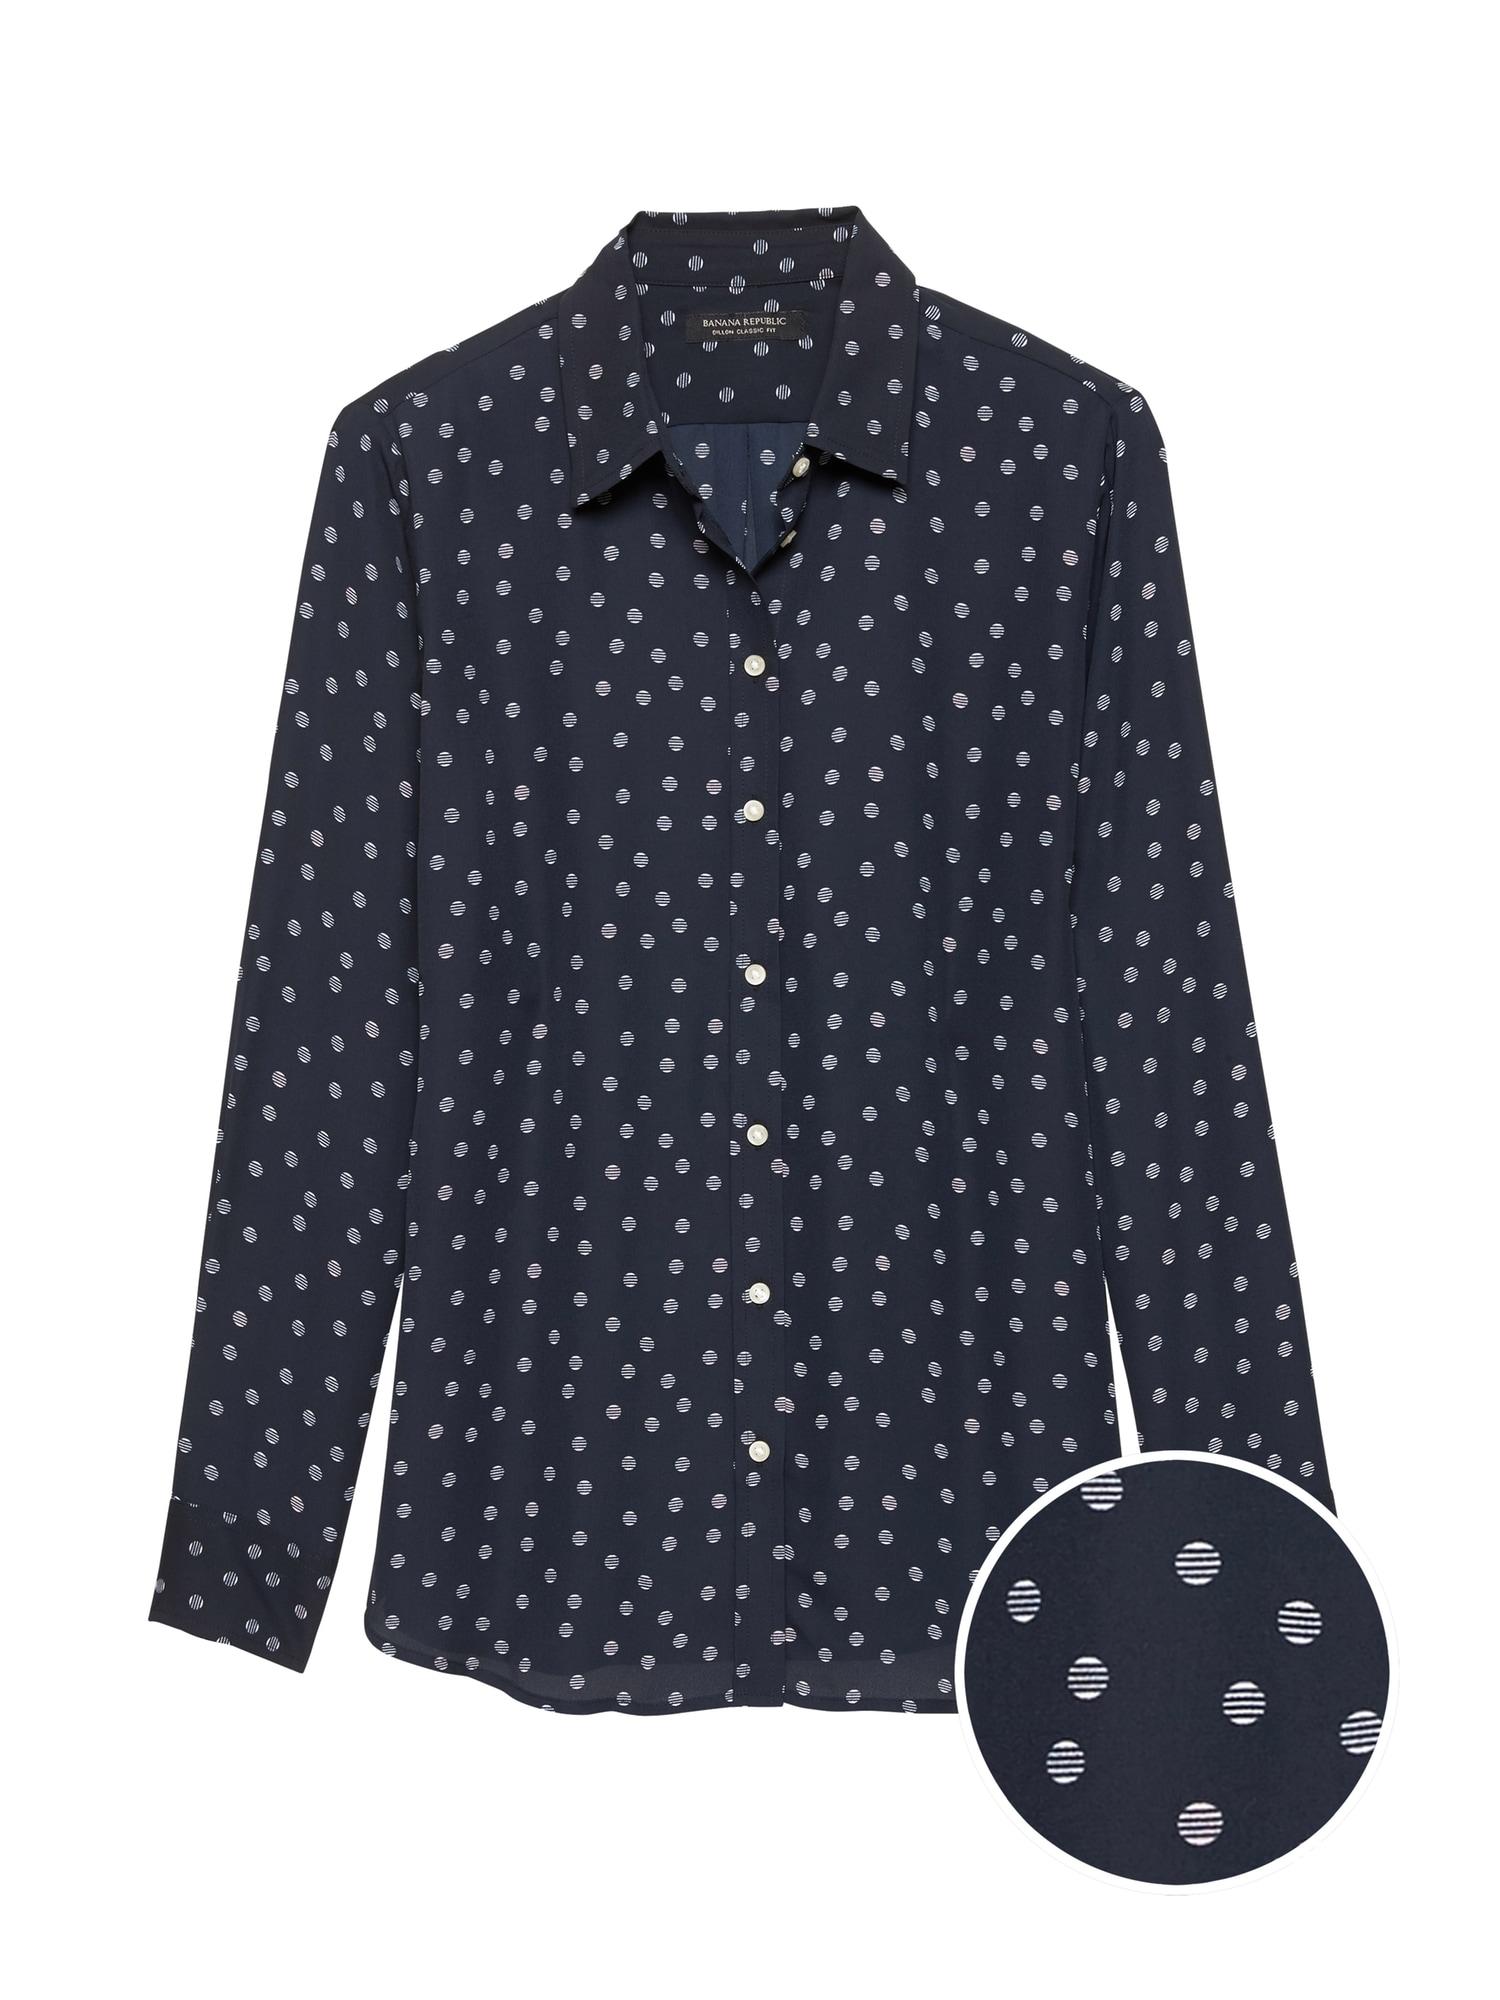 7f95d61f188 Dillon Classic-Fit Polka Dot Shirt